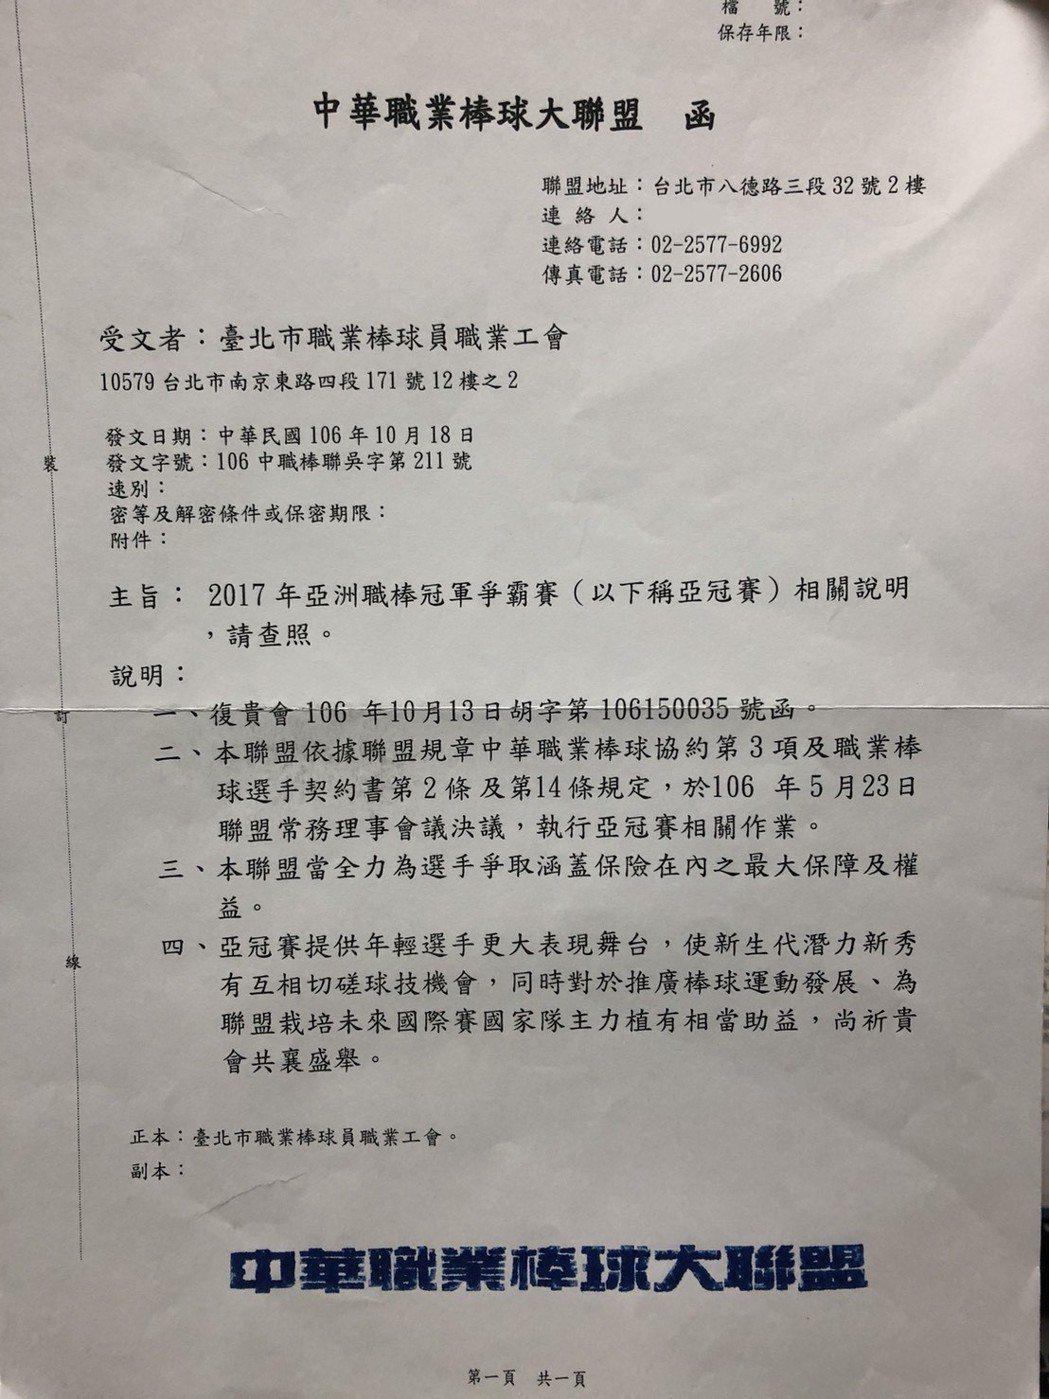 附件3:中職聯盟回函。